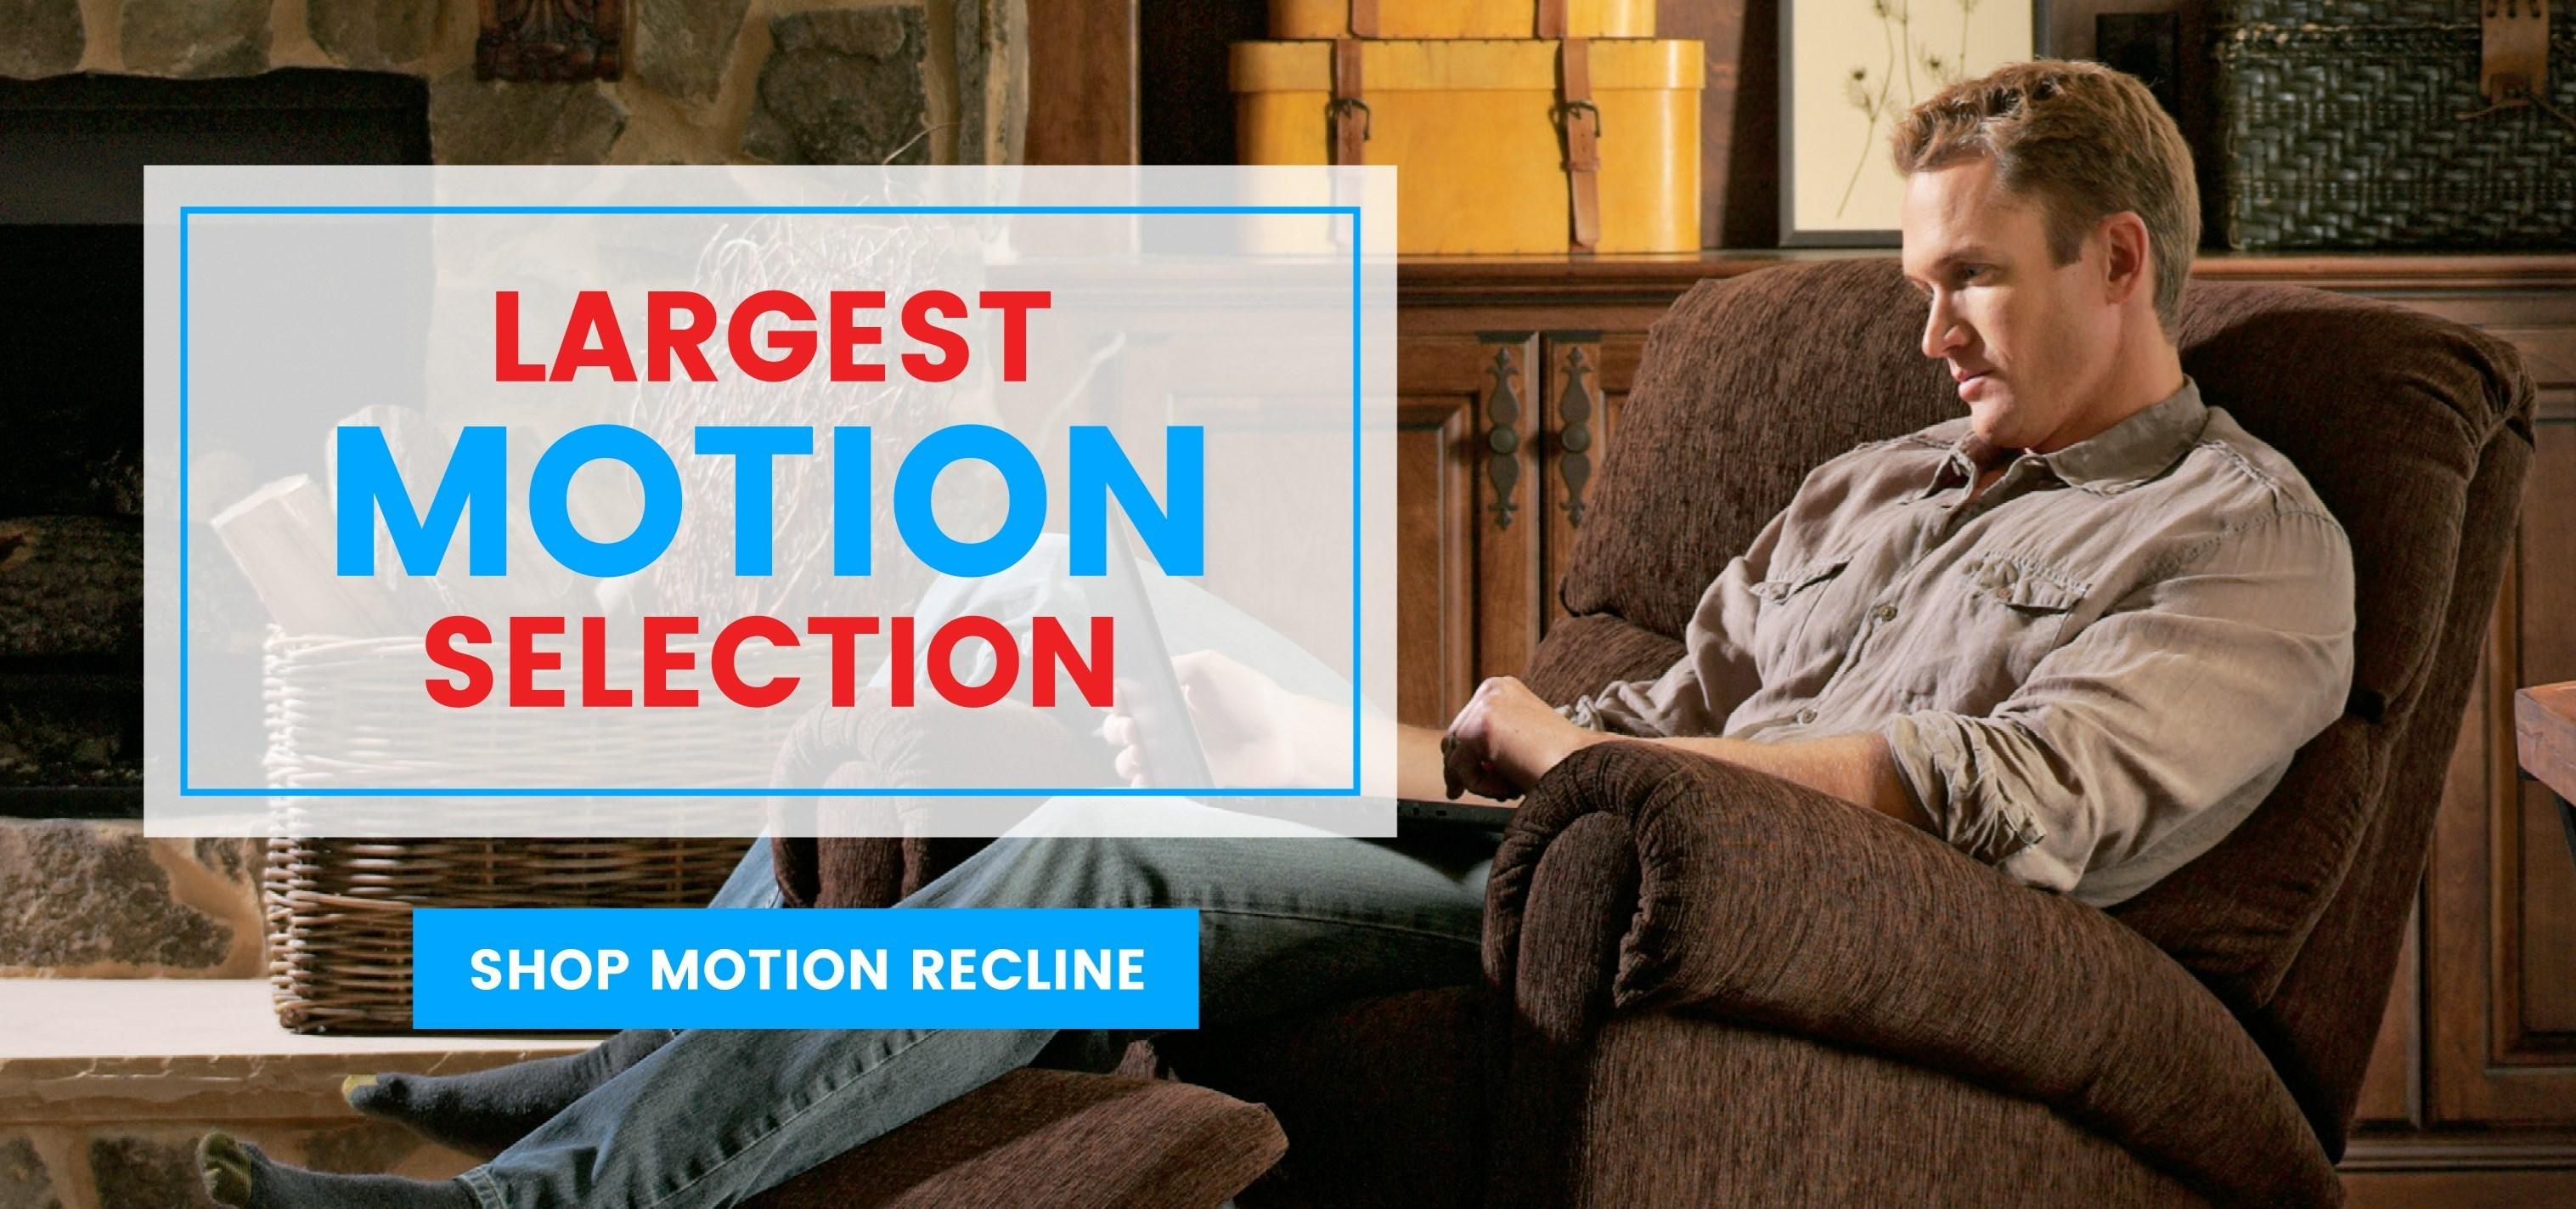 Largest Motion Selection - Shop Motion Recline